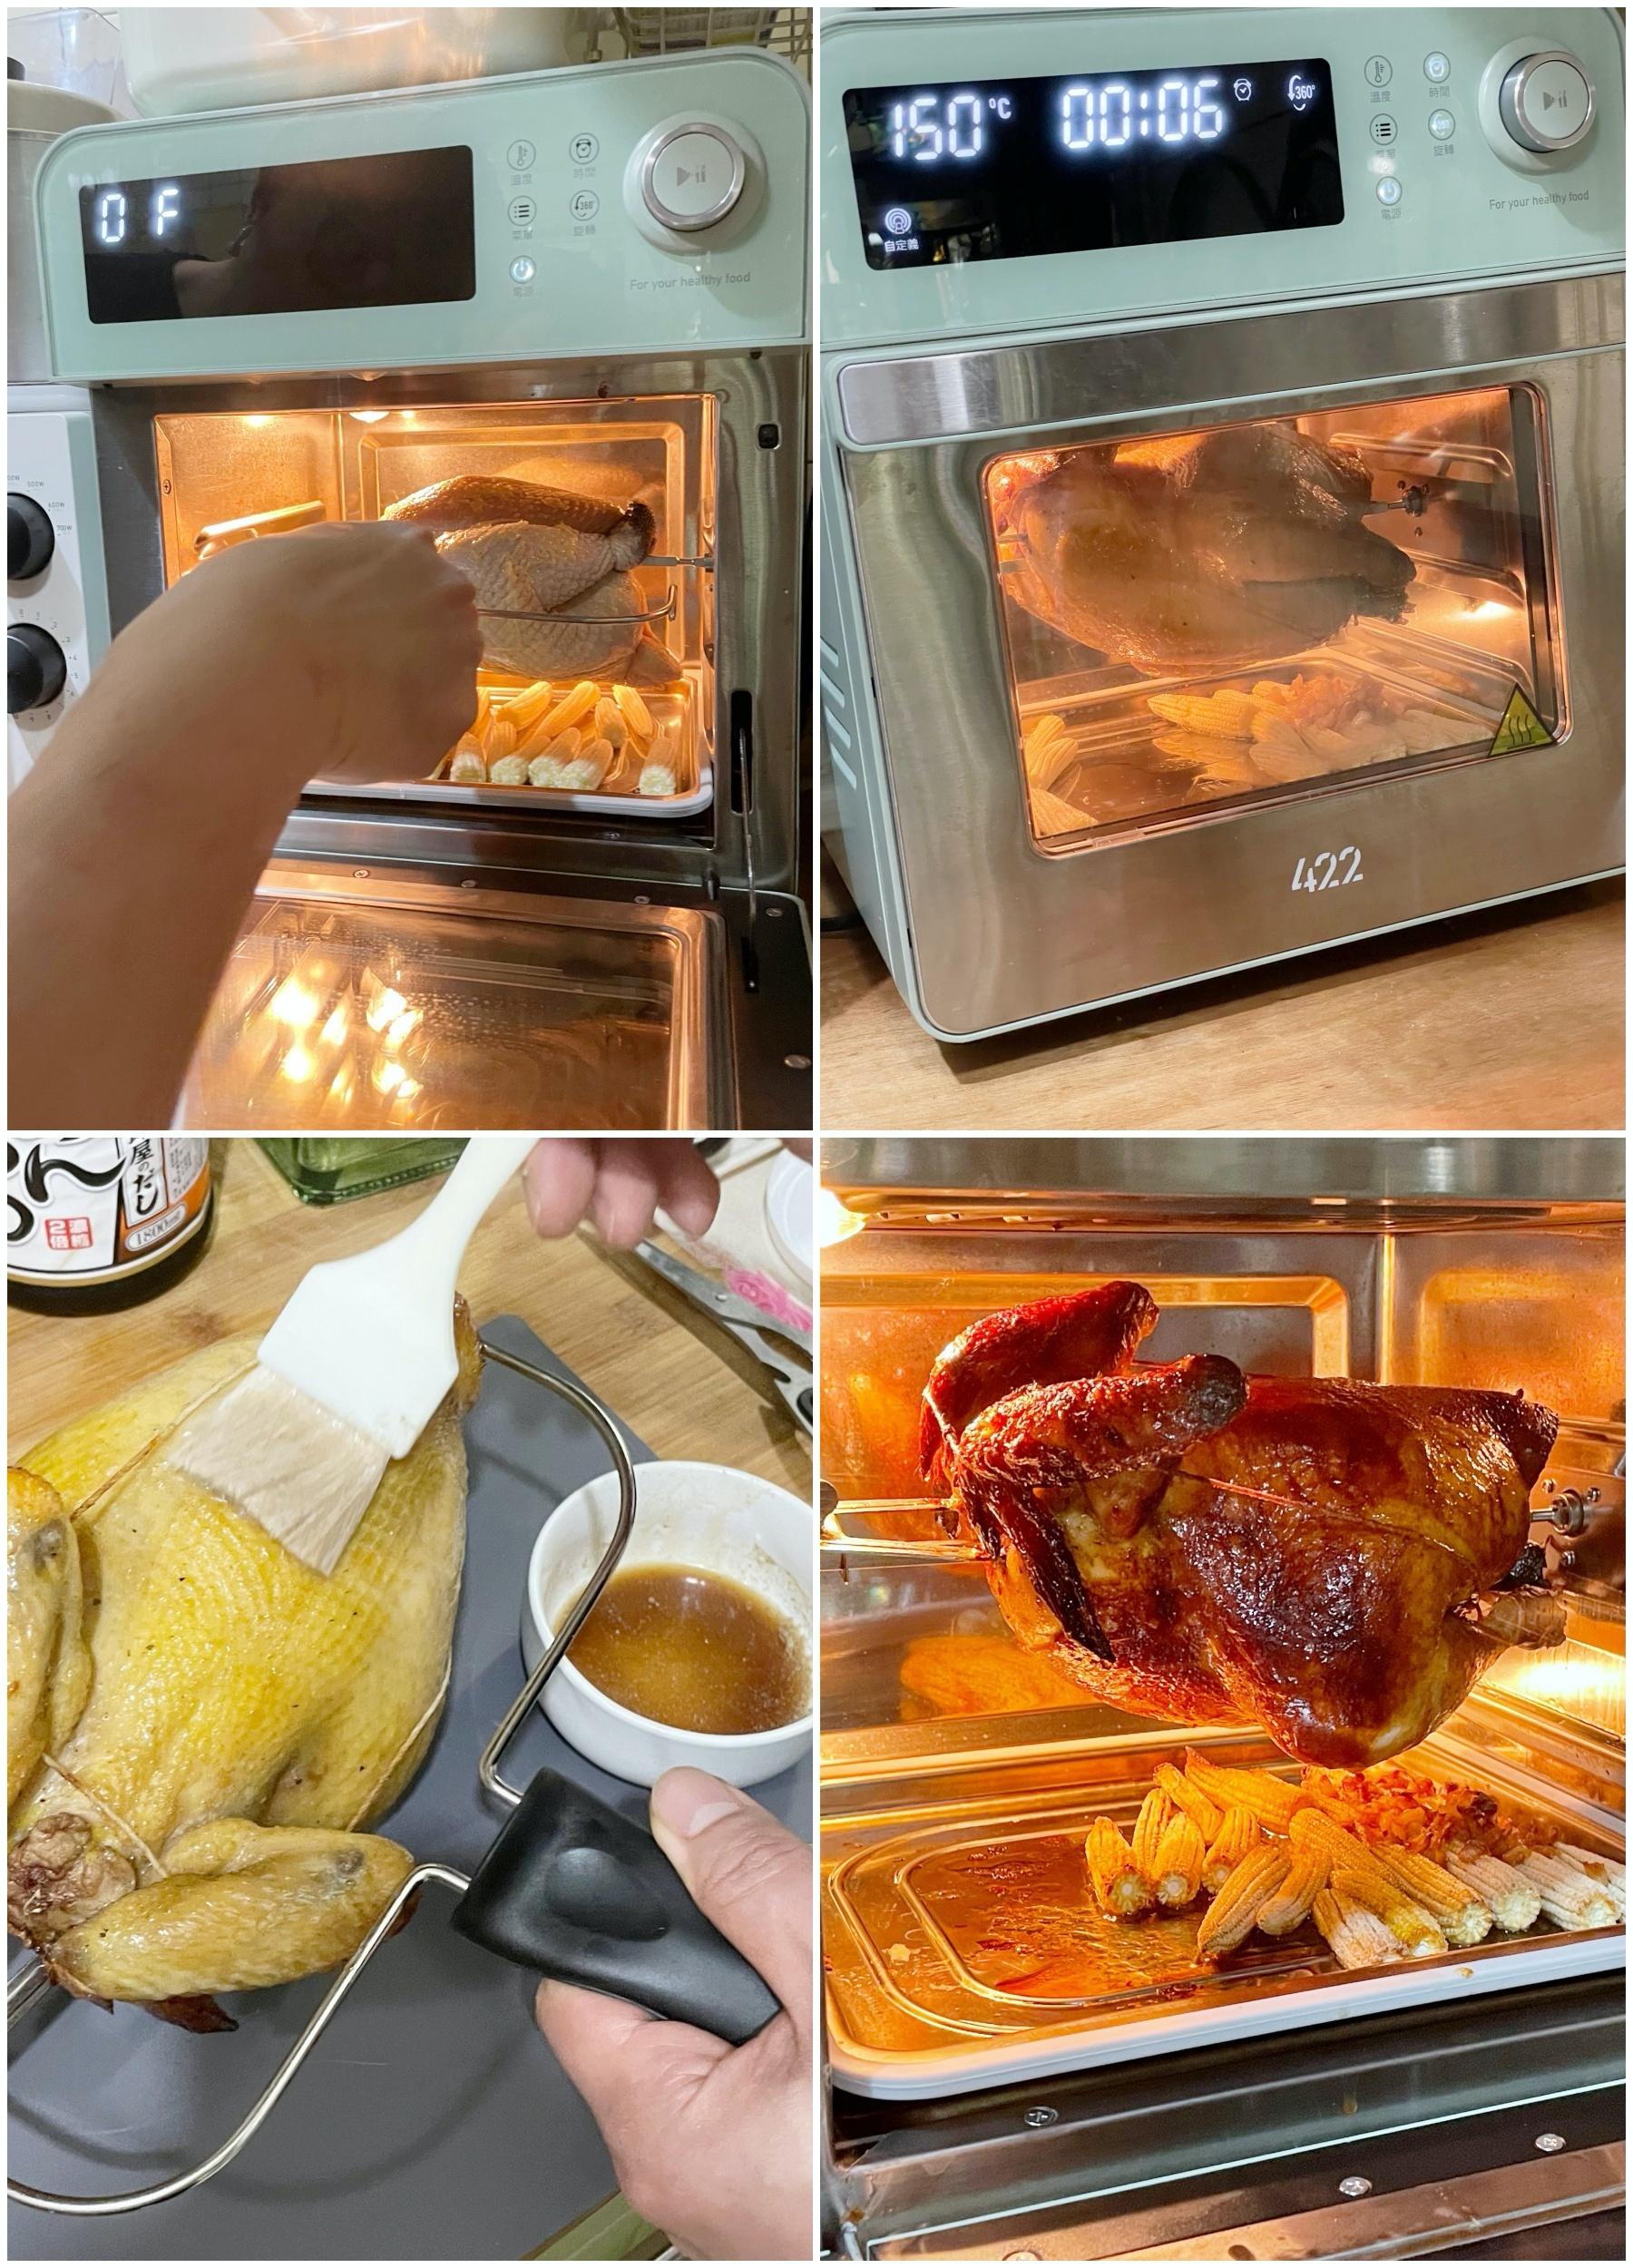 氣炸烤箱 烤雞